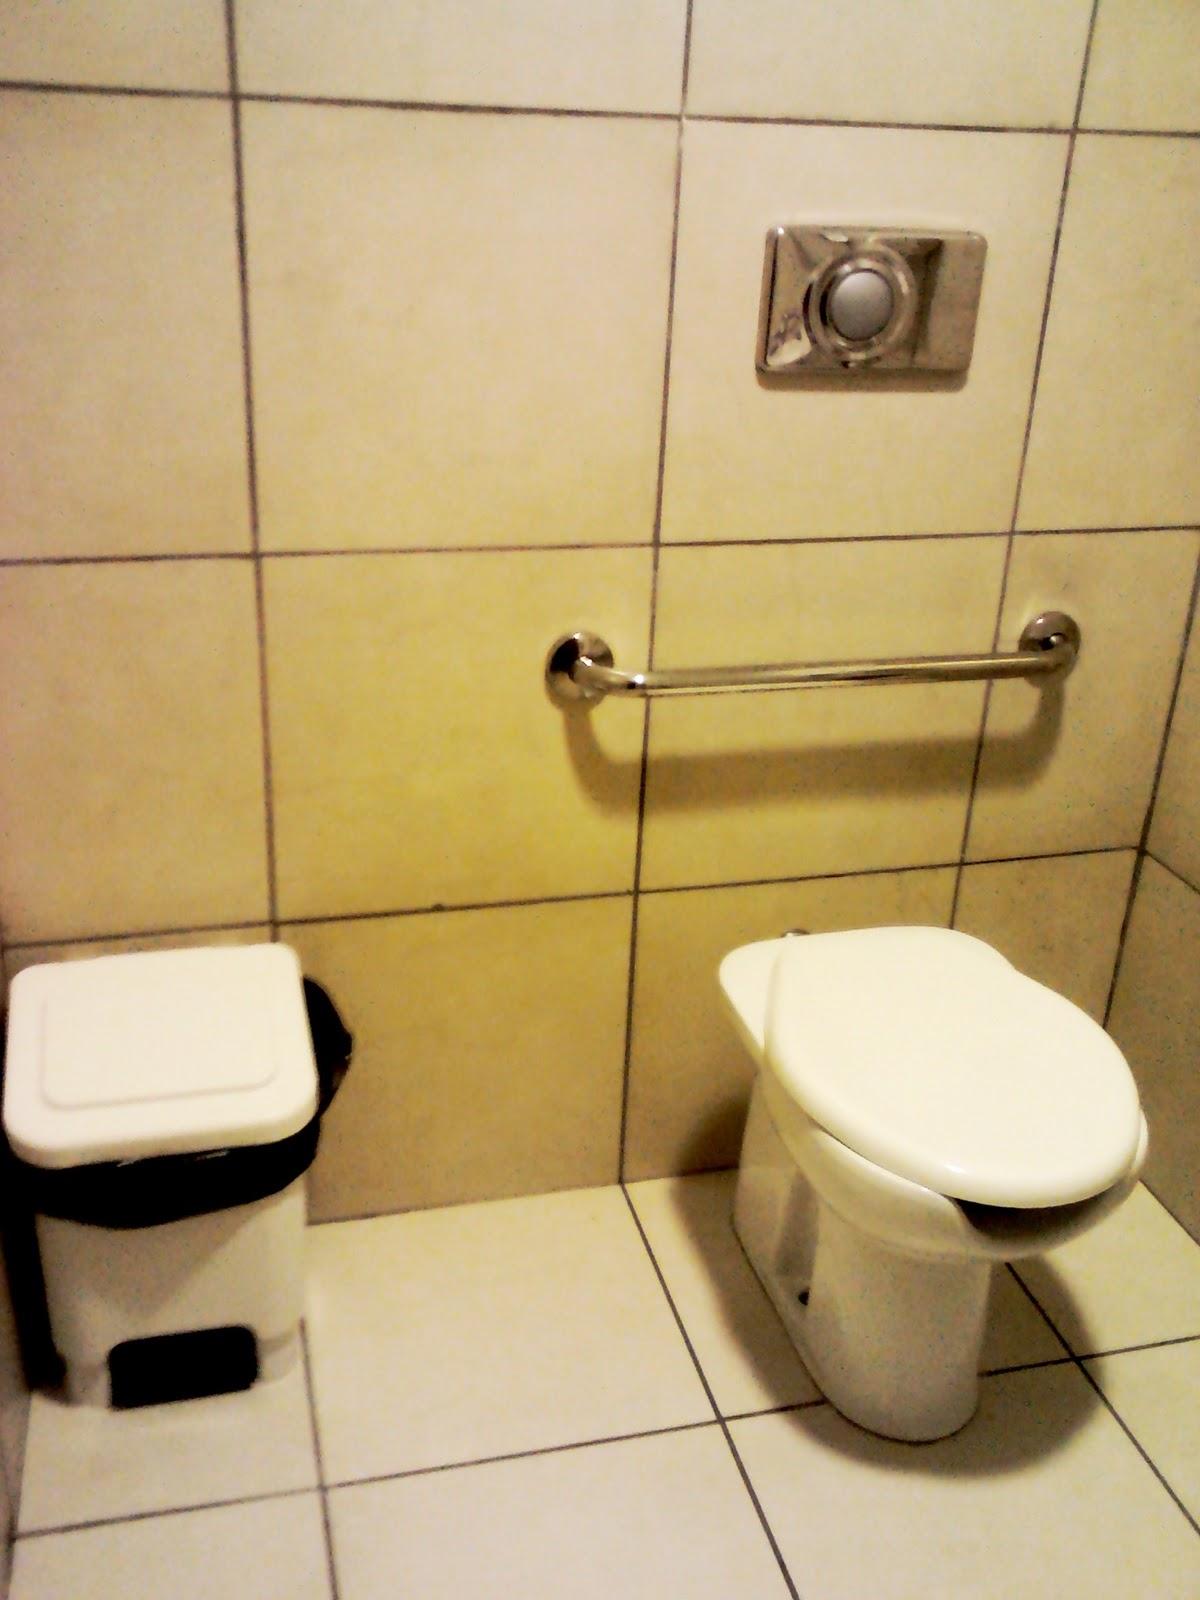 Acessibilidade Oggi: Banheiro Quase Acessível #9C852F 1200x1600 Banheiro Acessivel Com Pia